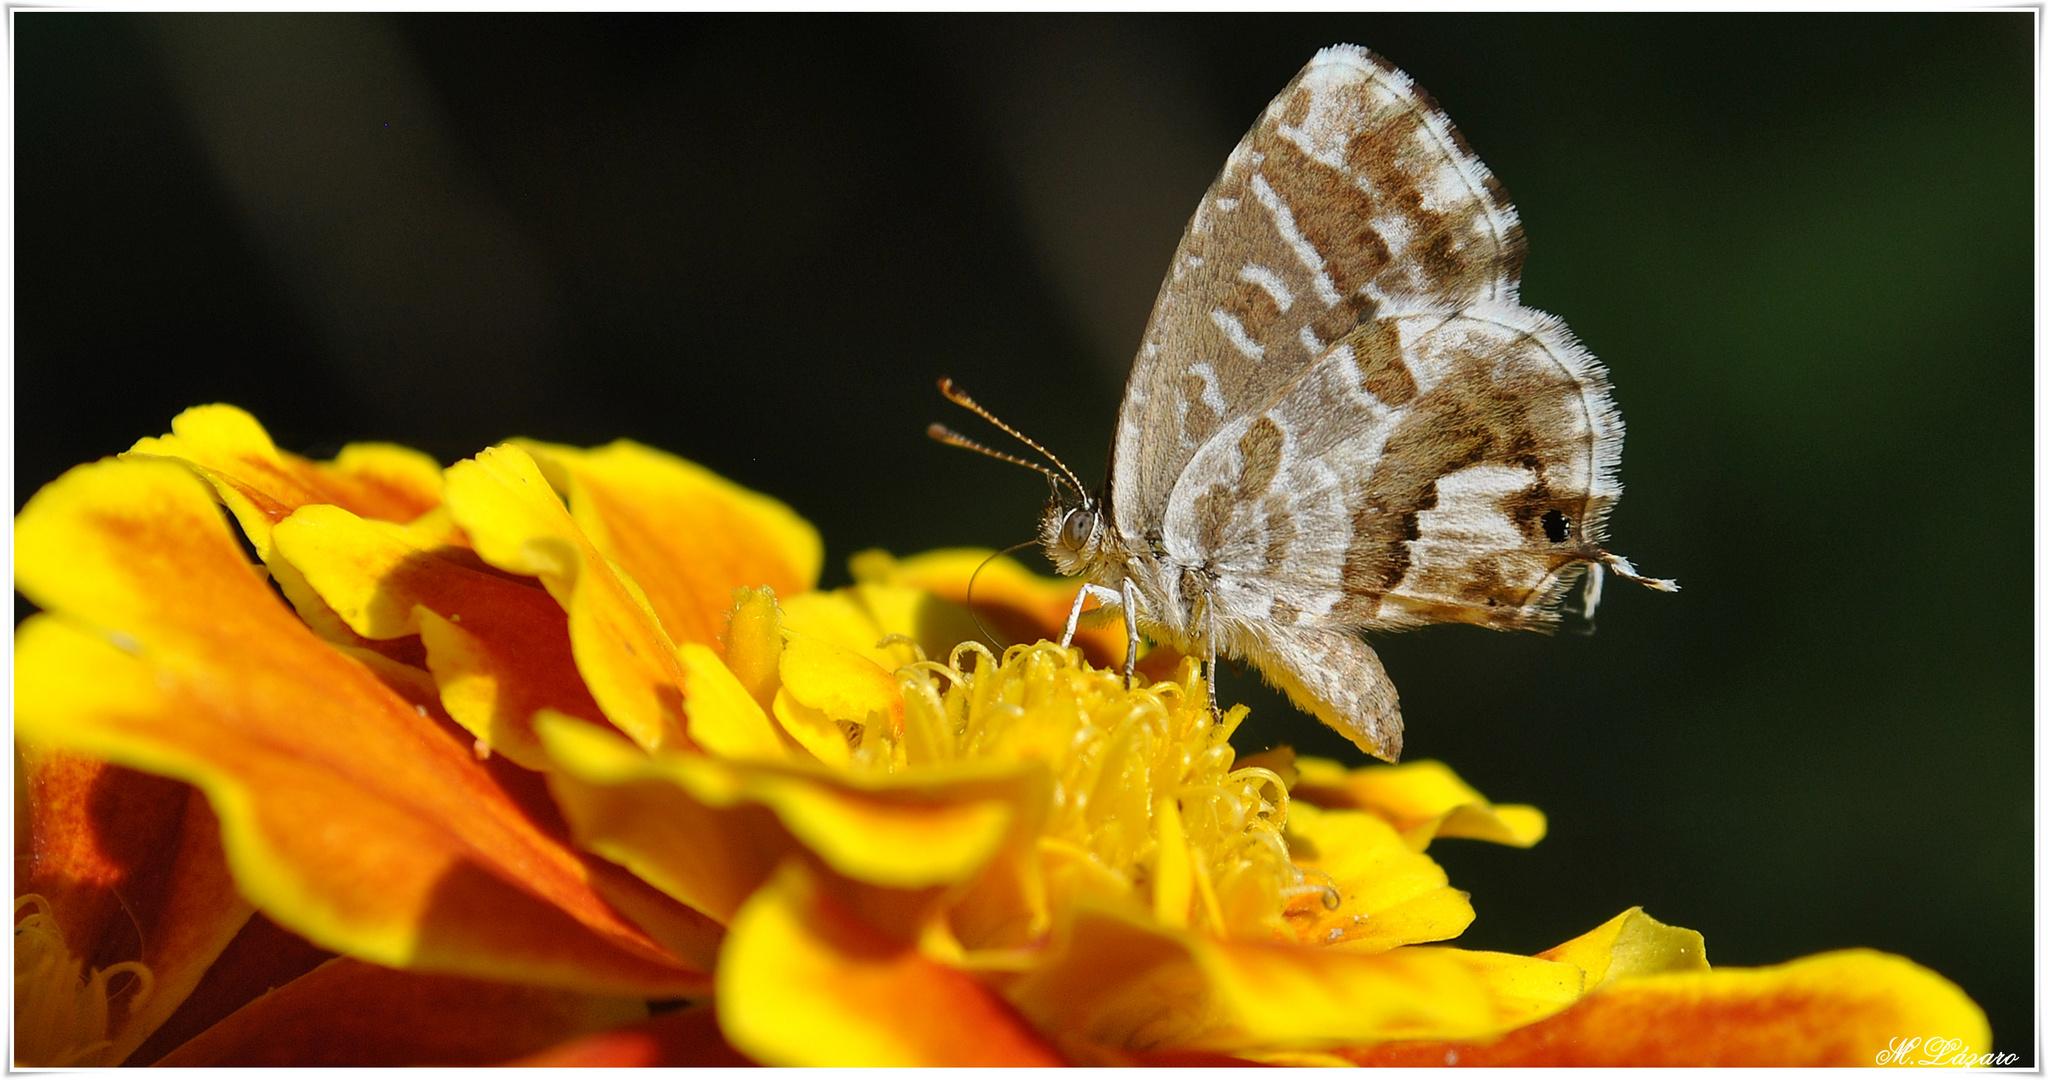 Clavel y mariposa